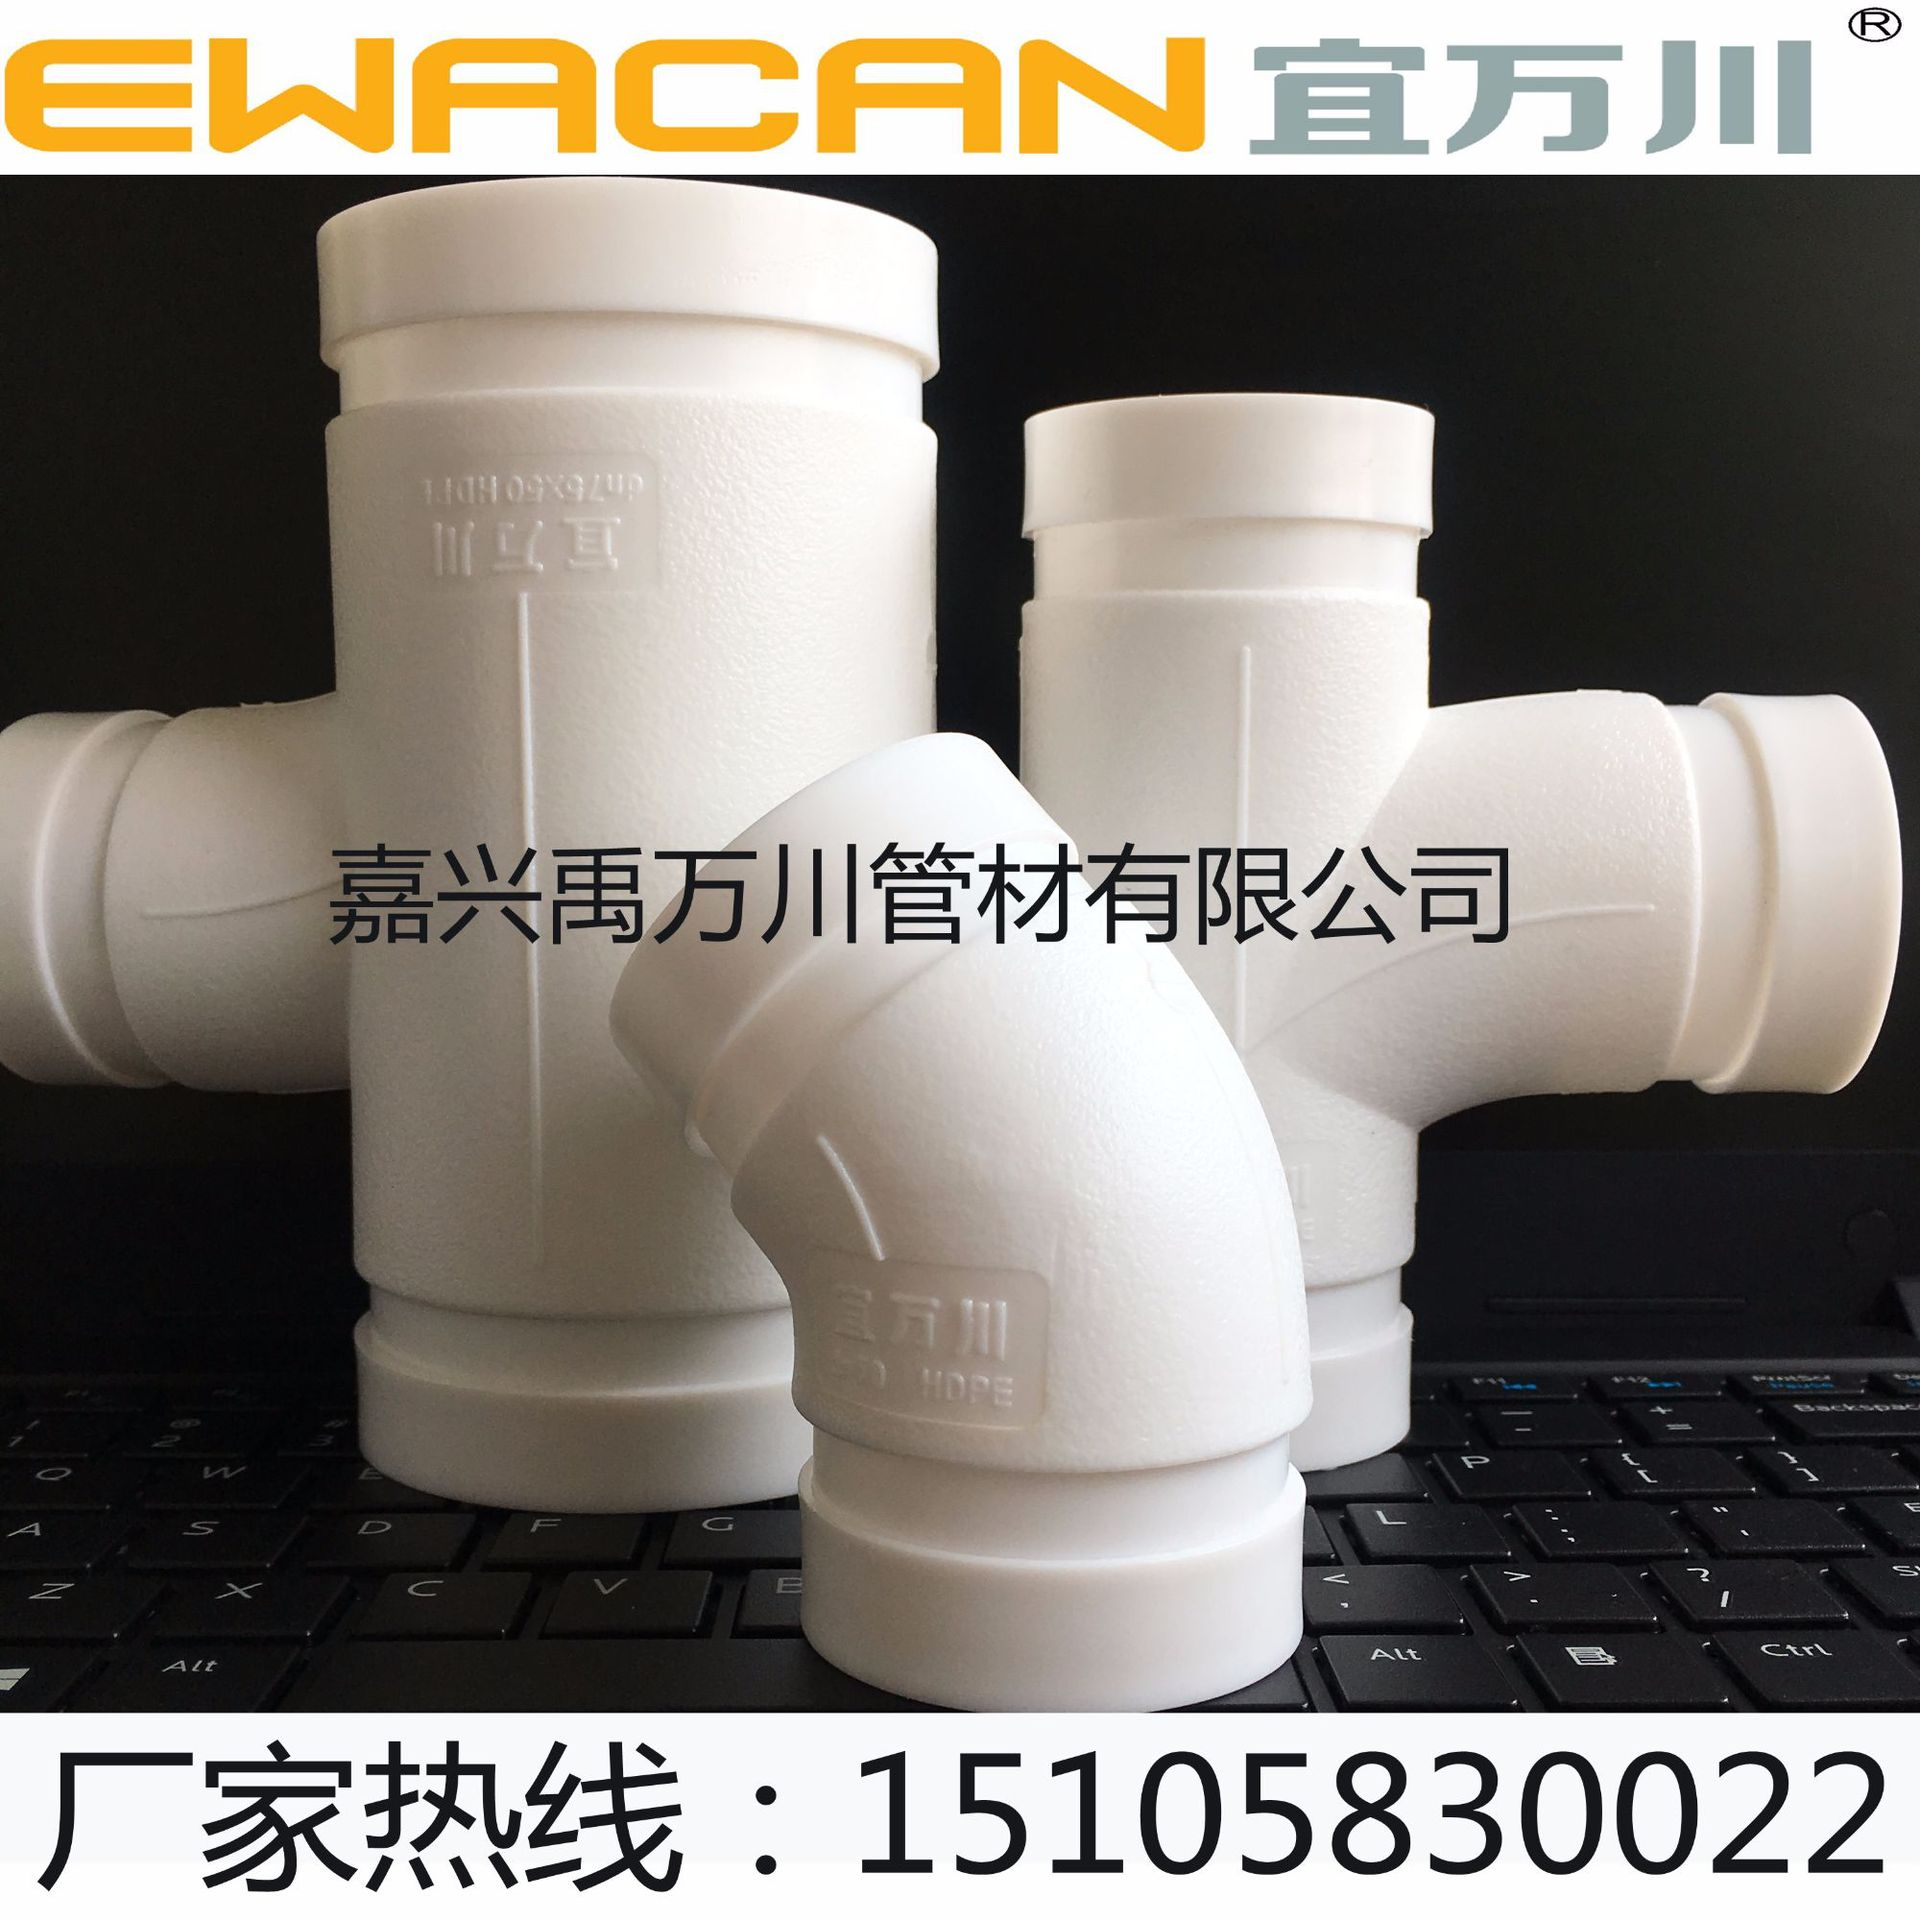 青岛沟槽式hdpe超静音排水管,HDPE沟槽静音管,宜万川沟槽管示例图5